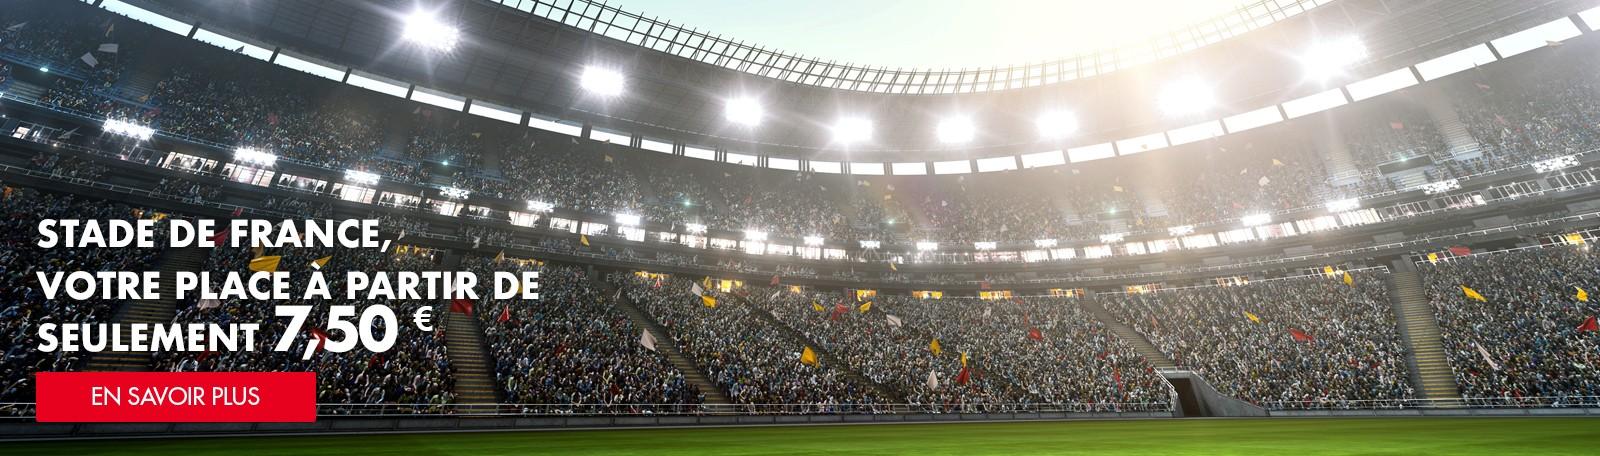 Stade de France - Shows - Saint-Denis